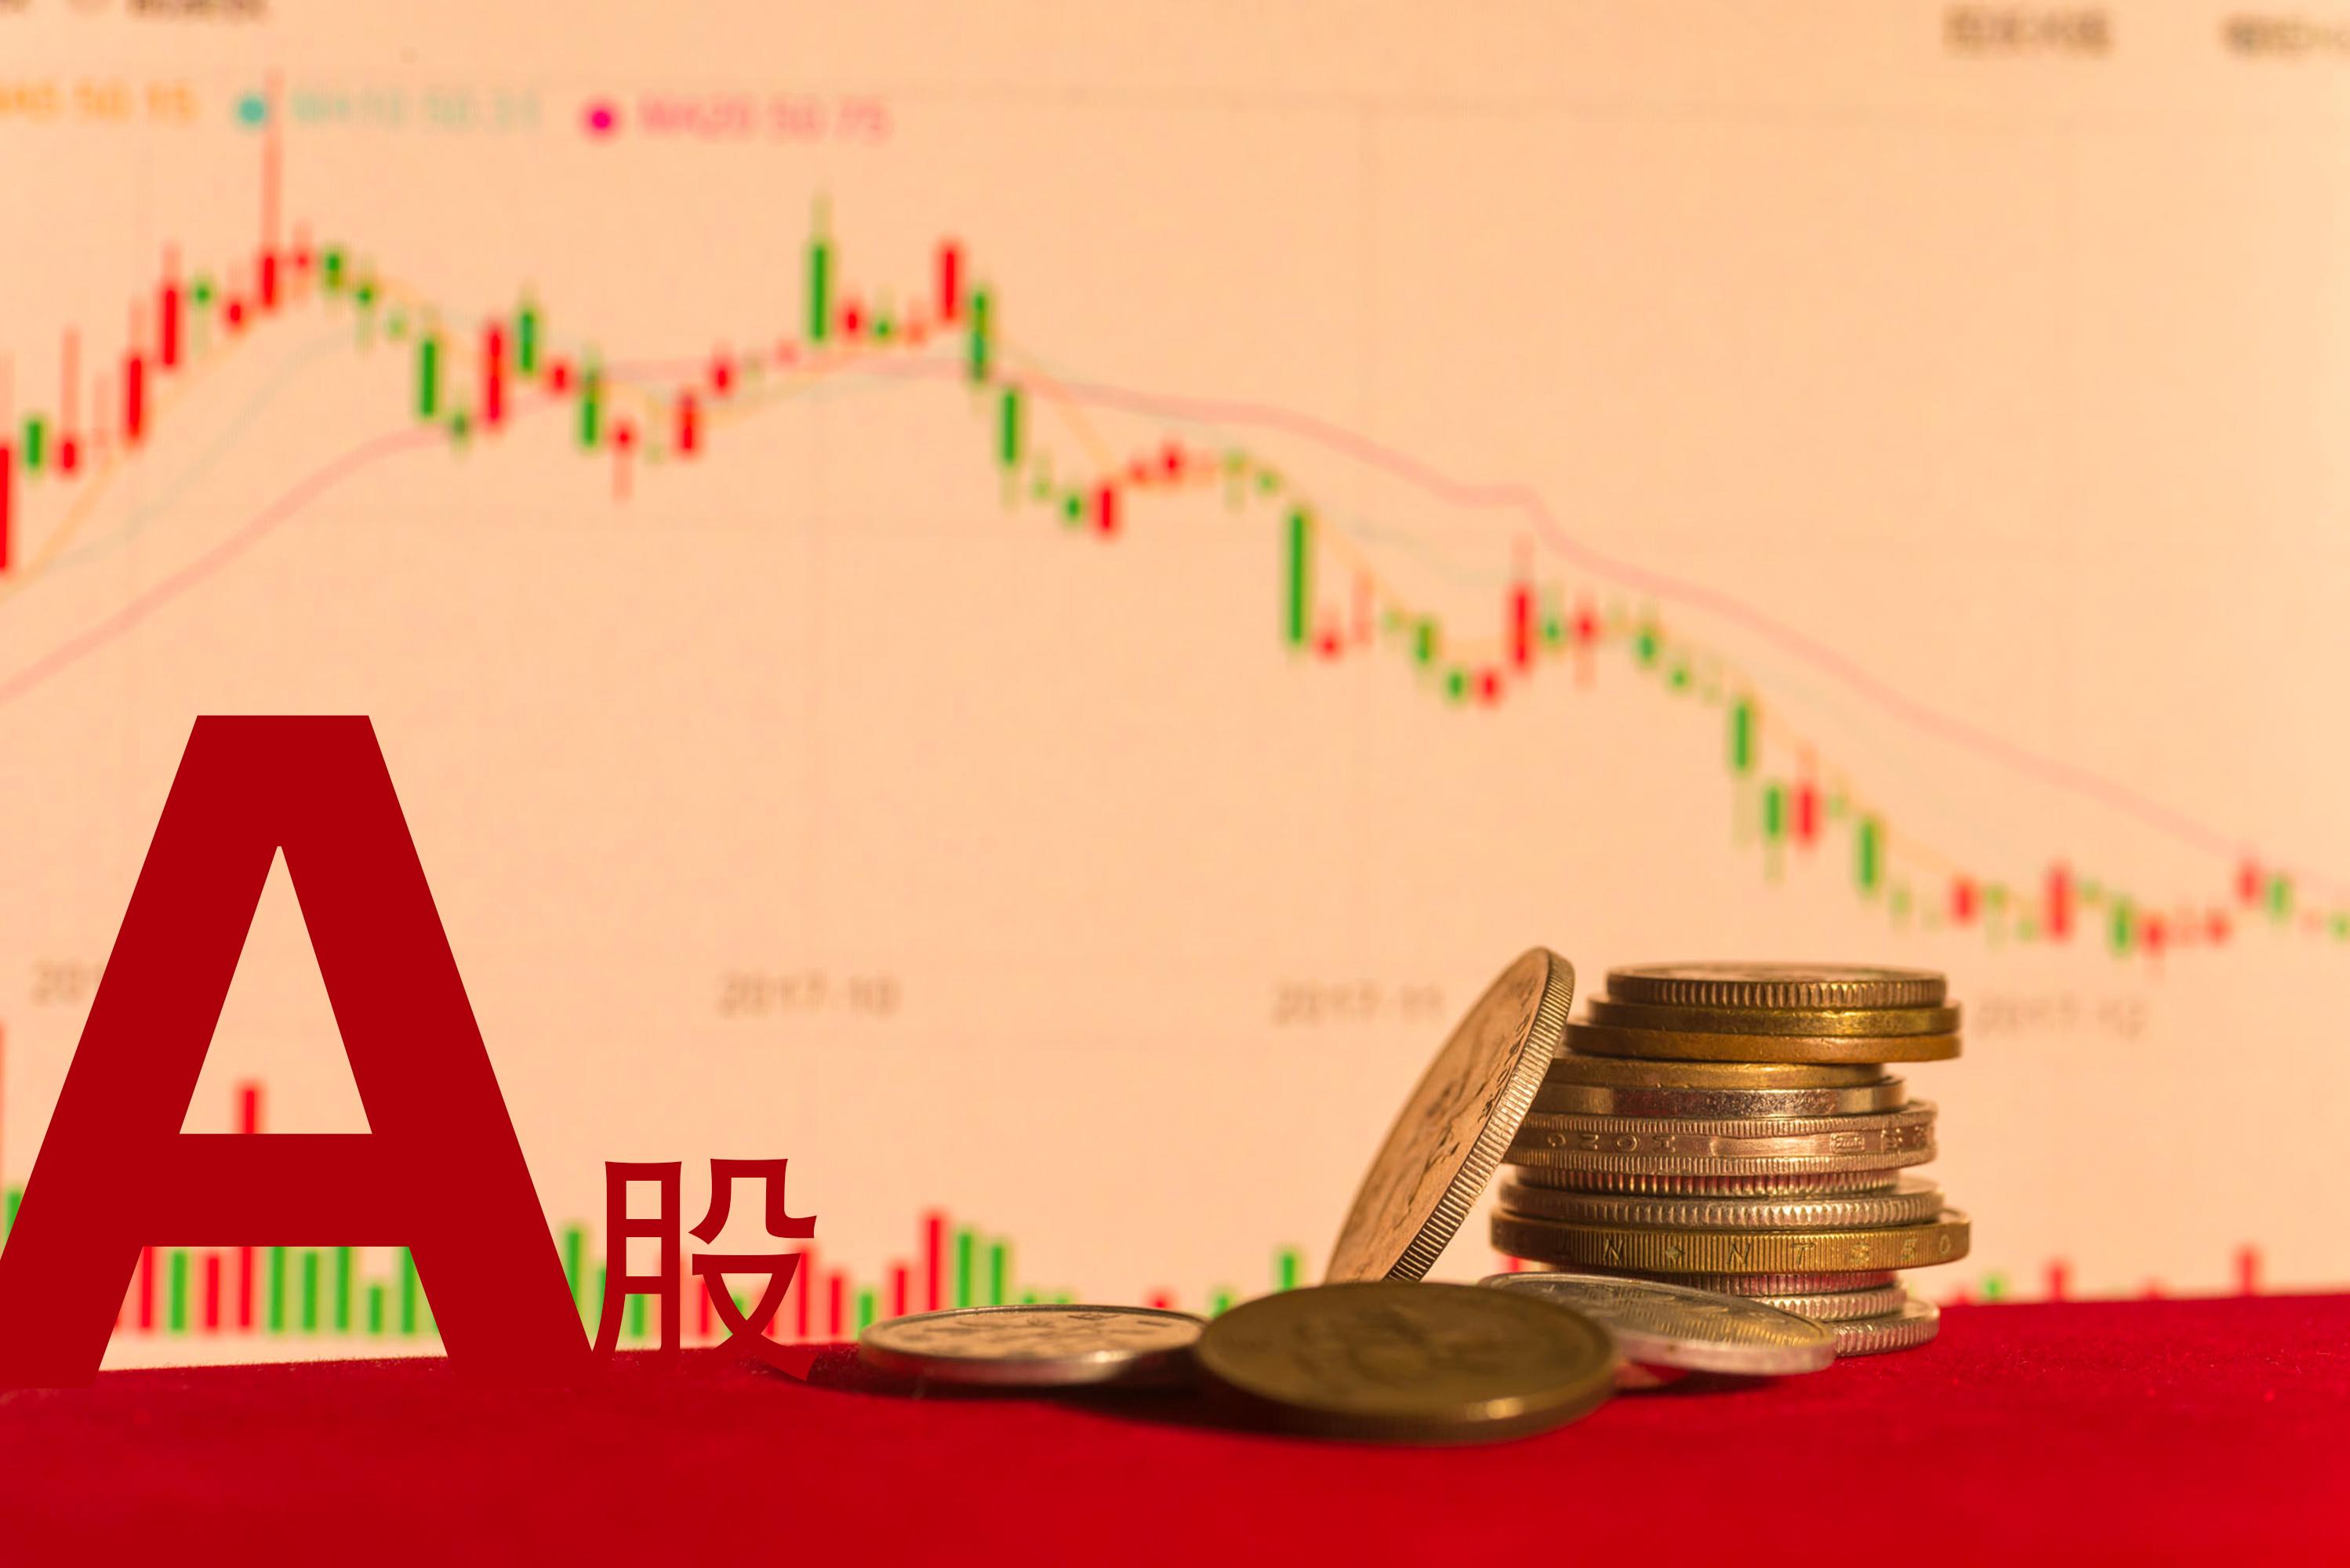 姜超:股市靠什么涨?不是央行,而是估值和盈利!